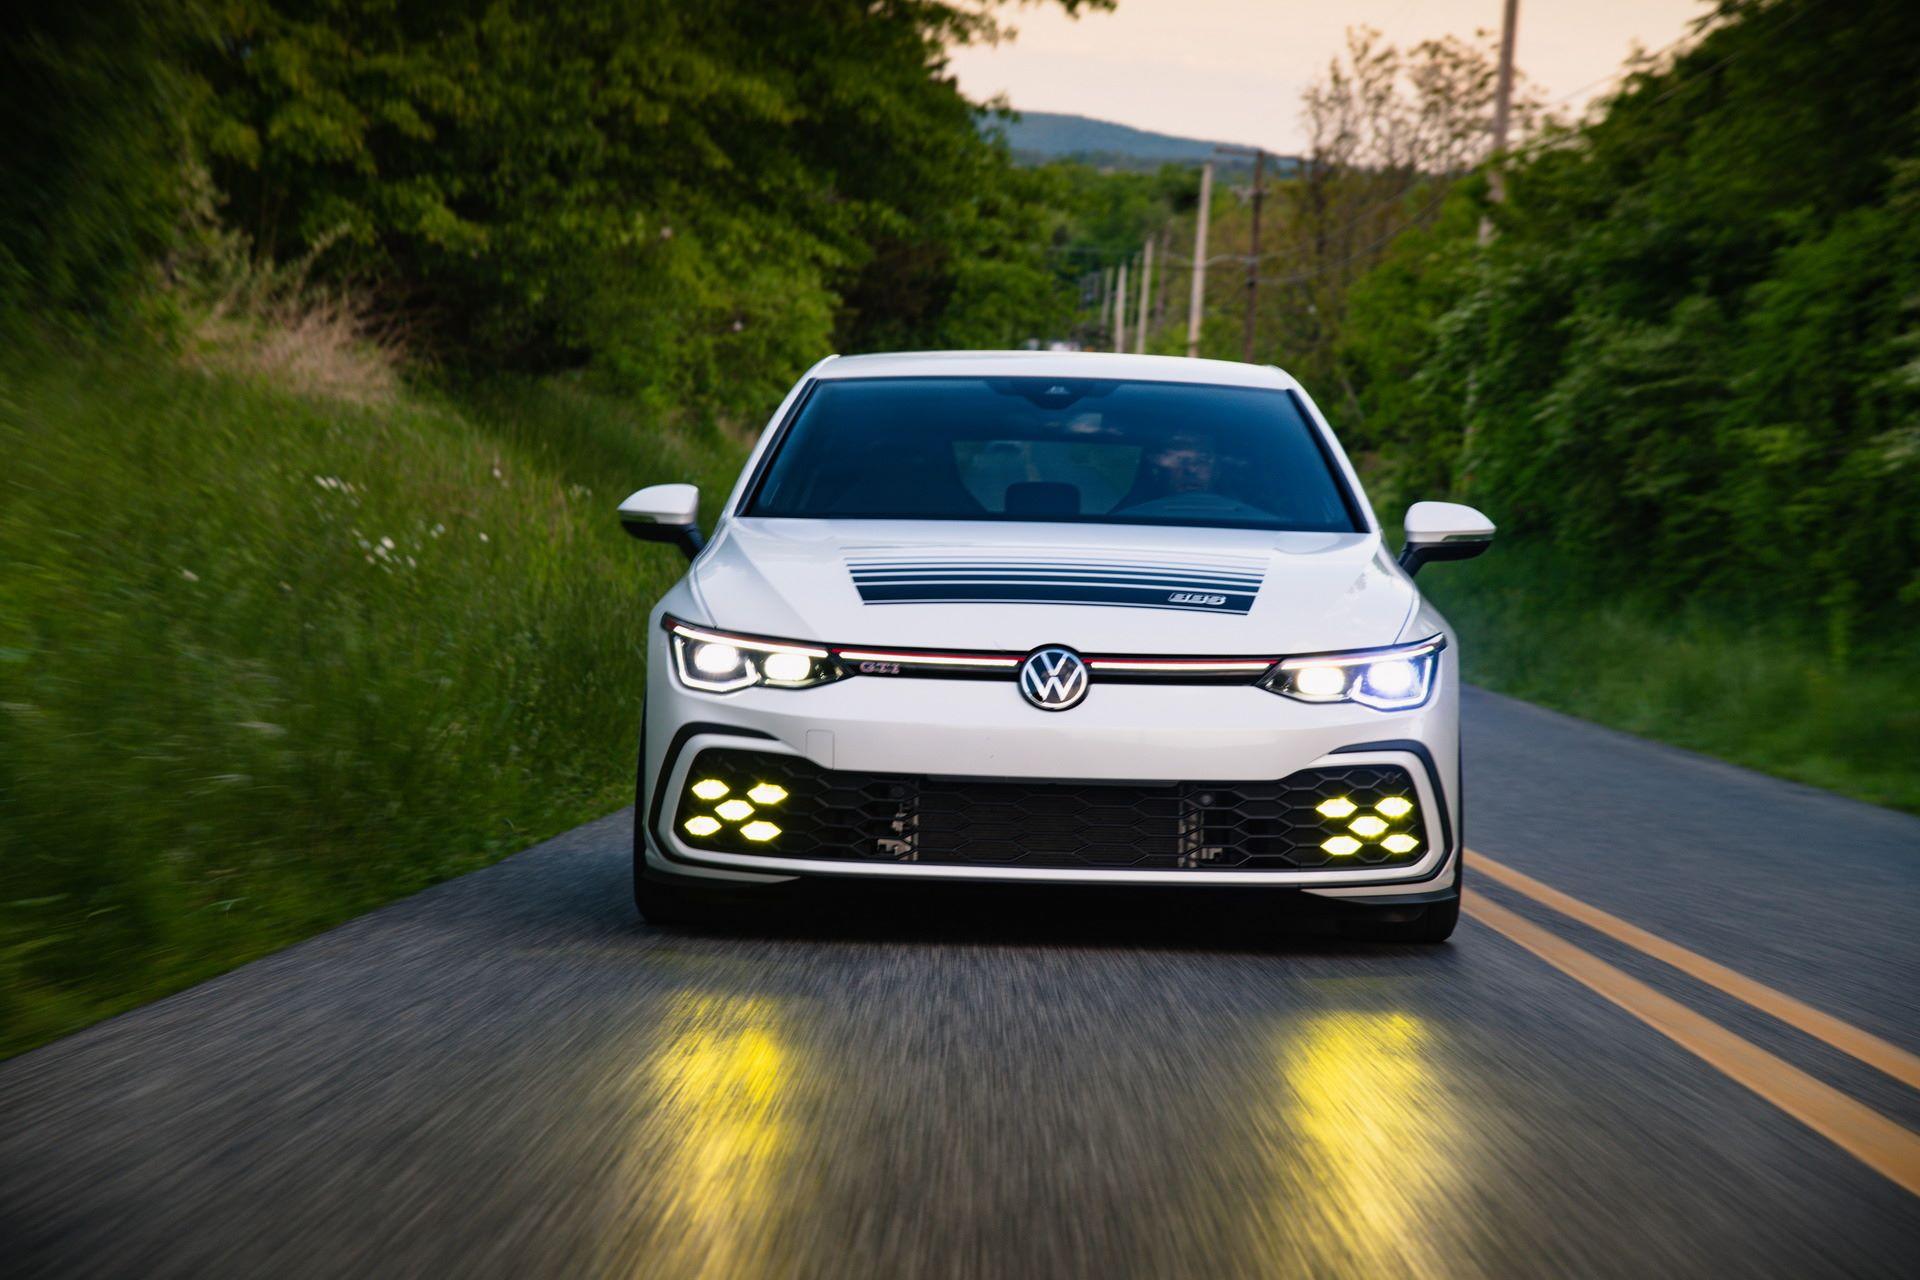 Volkswagen-Golf-GTI-BBS-Concept-3